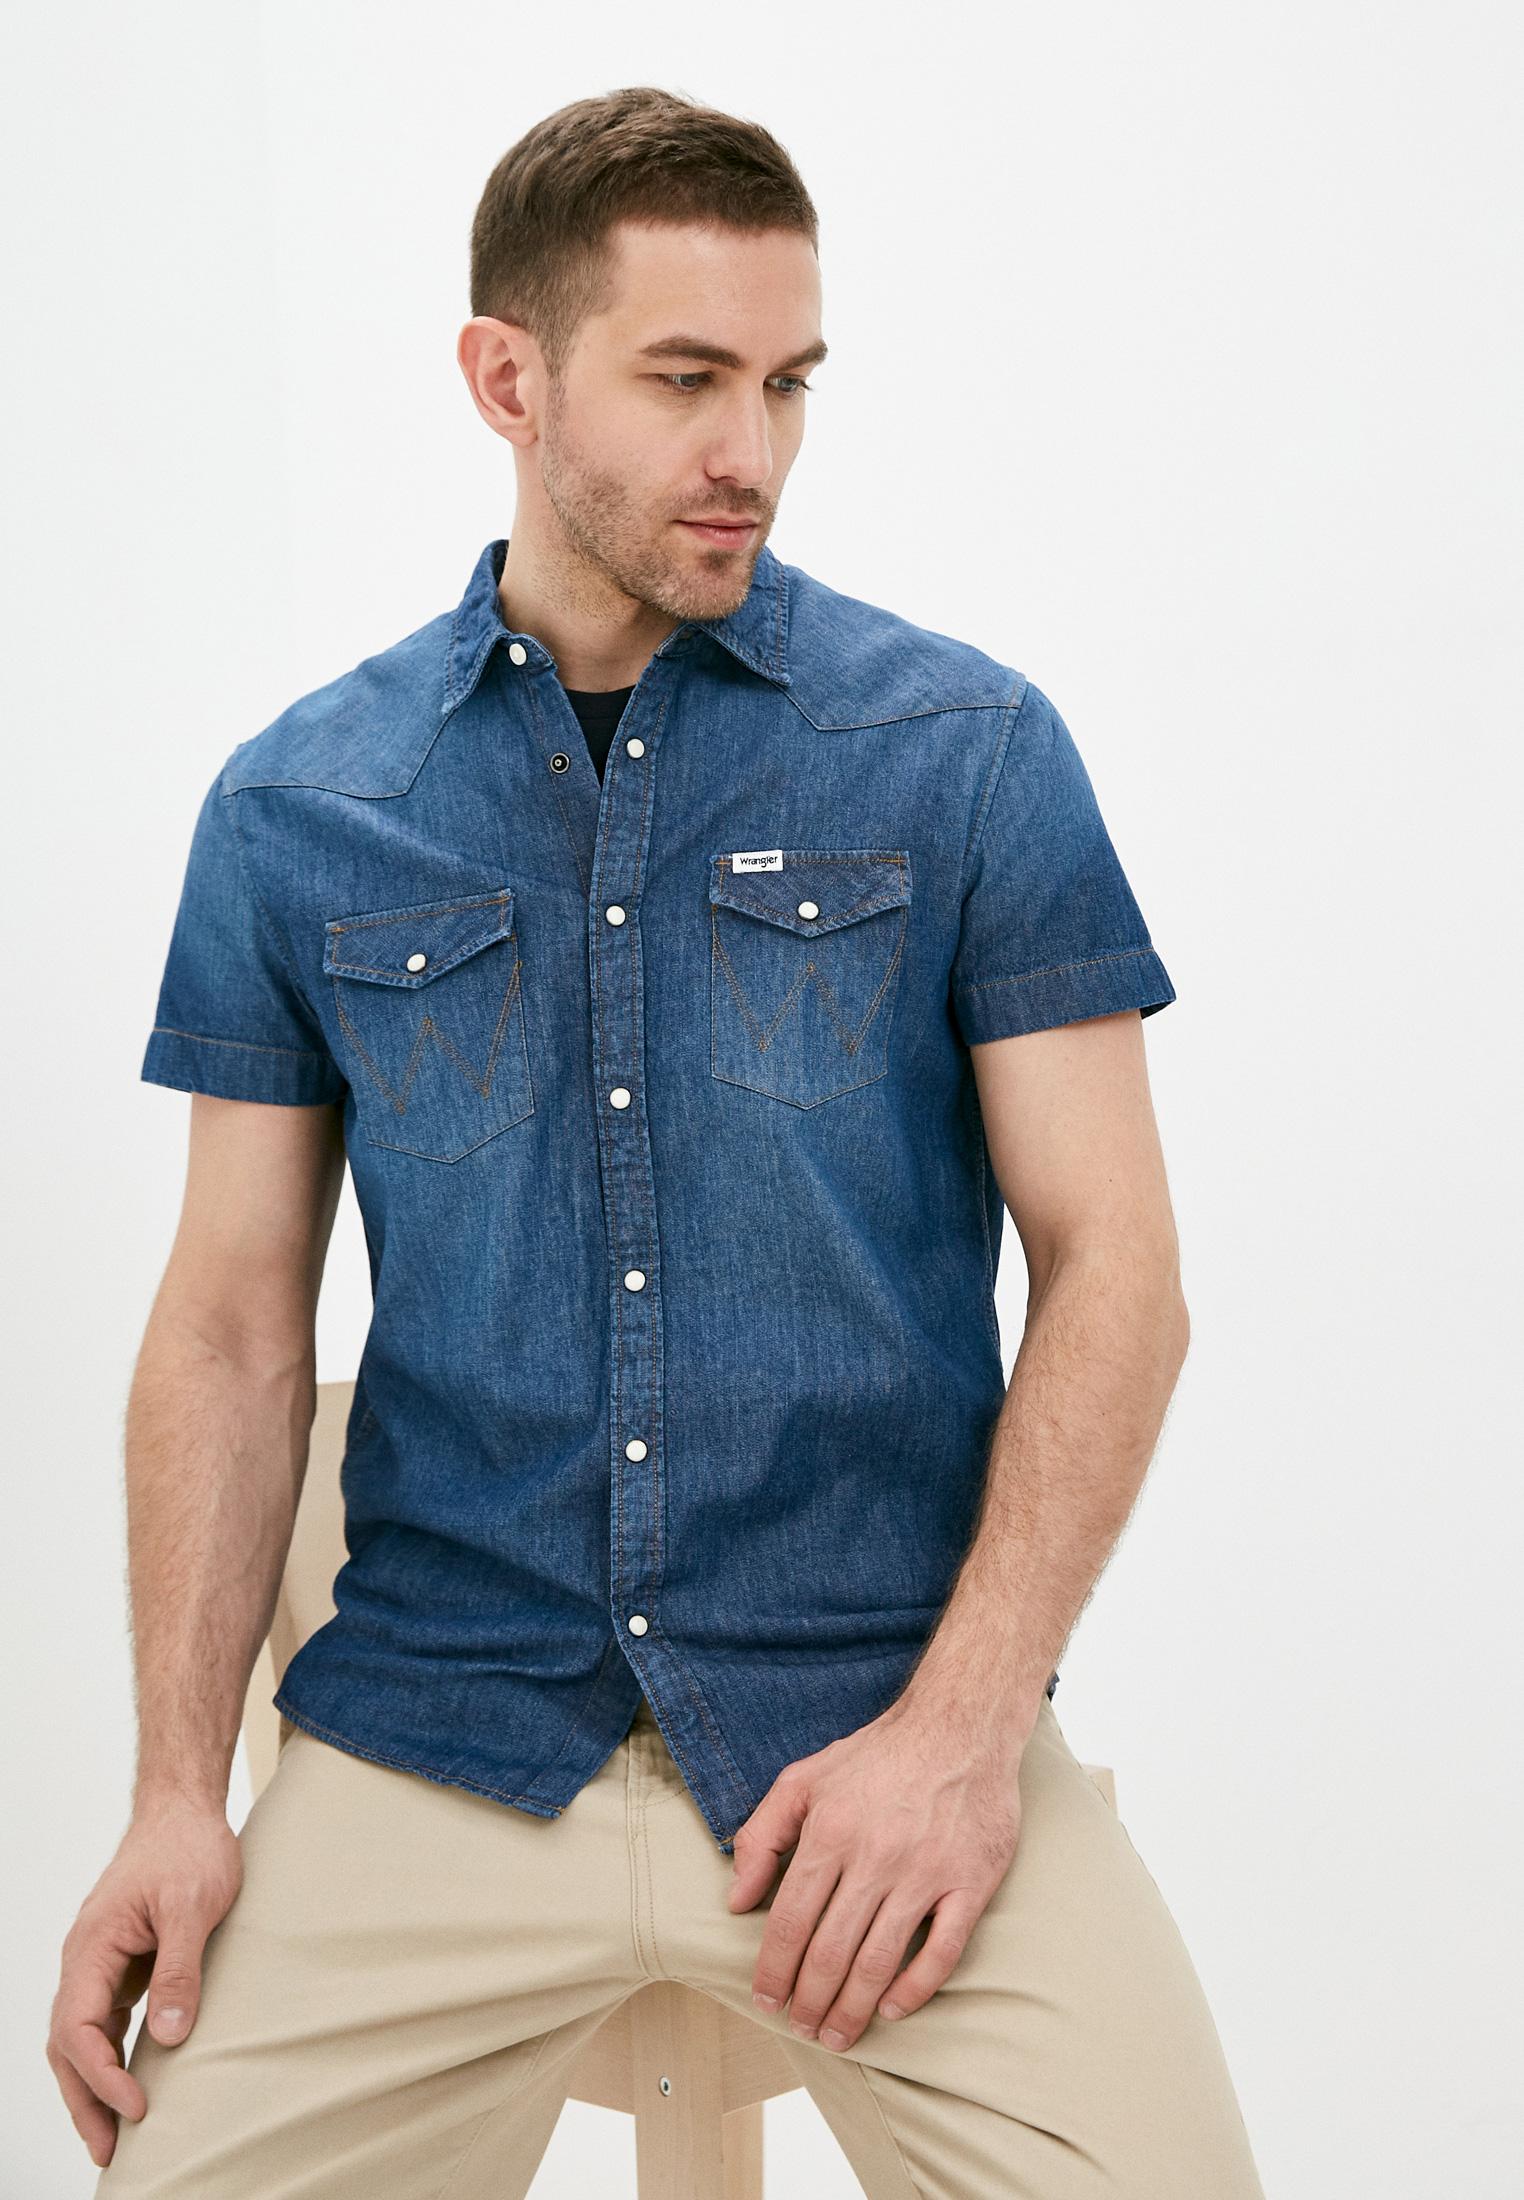 Рубашка Wrangler (Вранглер) Рубашка джинсовая Wrangler